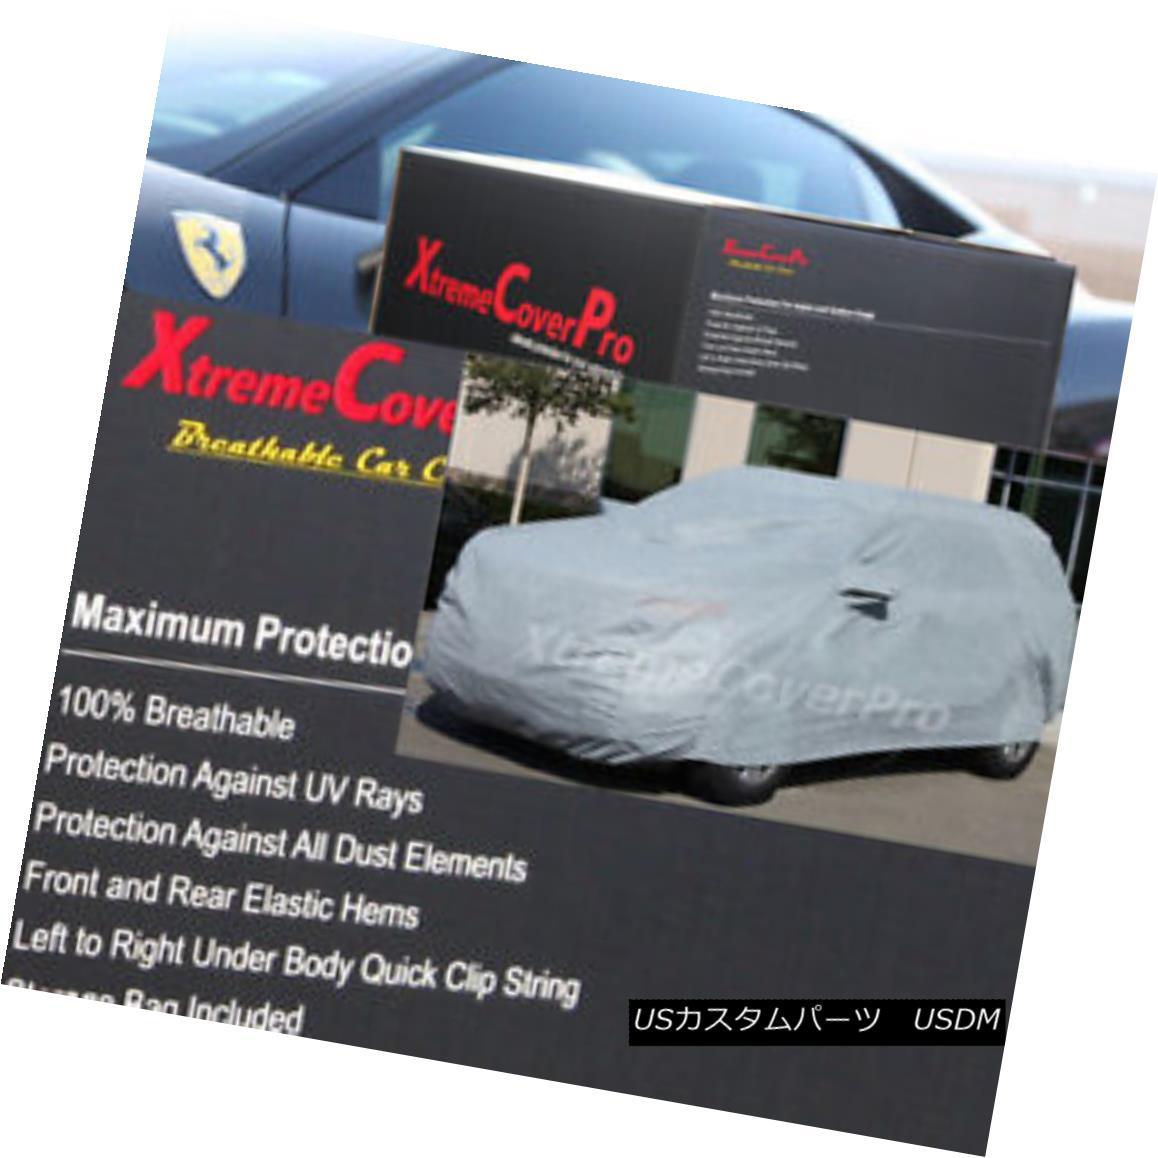 カーカバー 2013 Mercedes G550 G63 Breathable Car Cover w/MirrorPocket 2013 Mercedes G550 G63通気性のある車カバー付きMirrorPocket